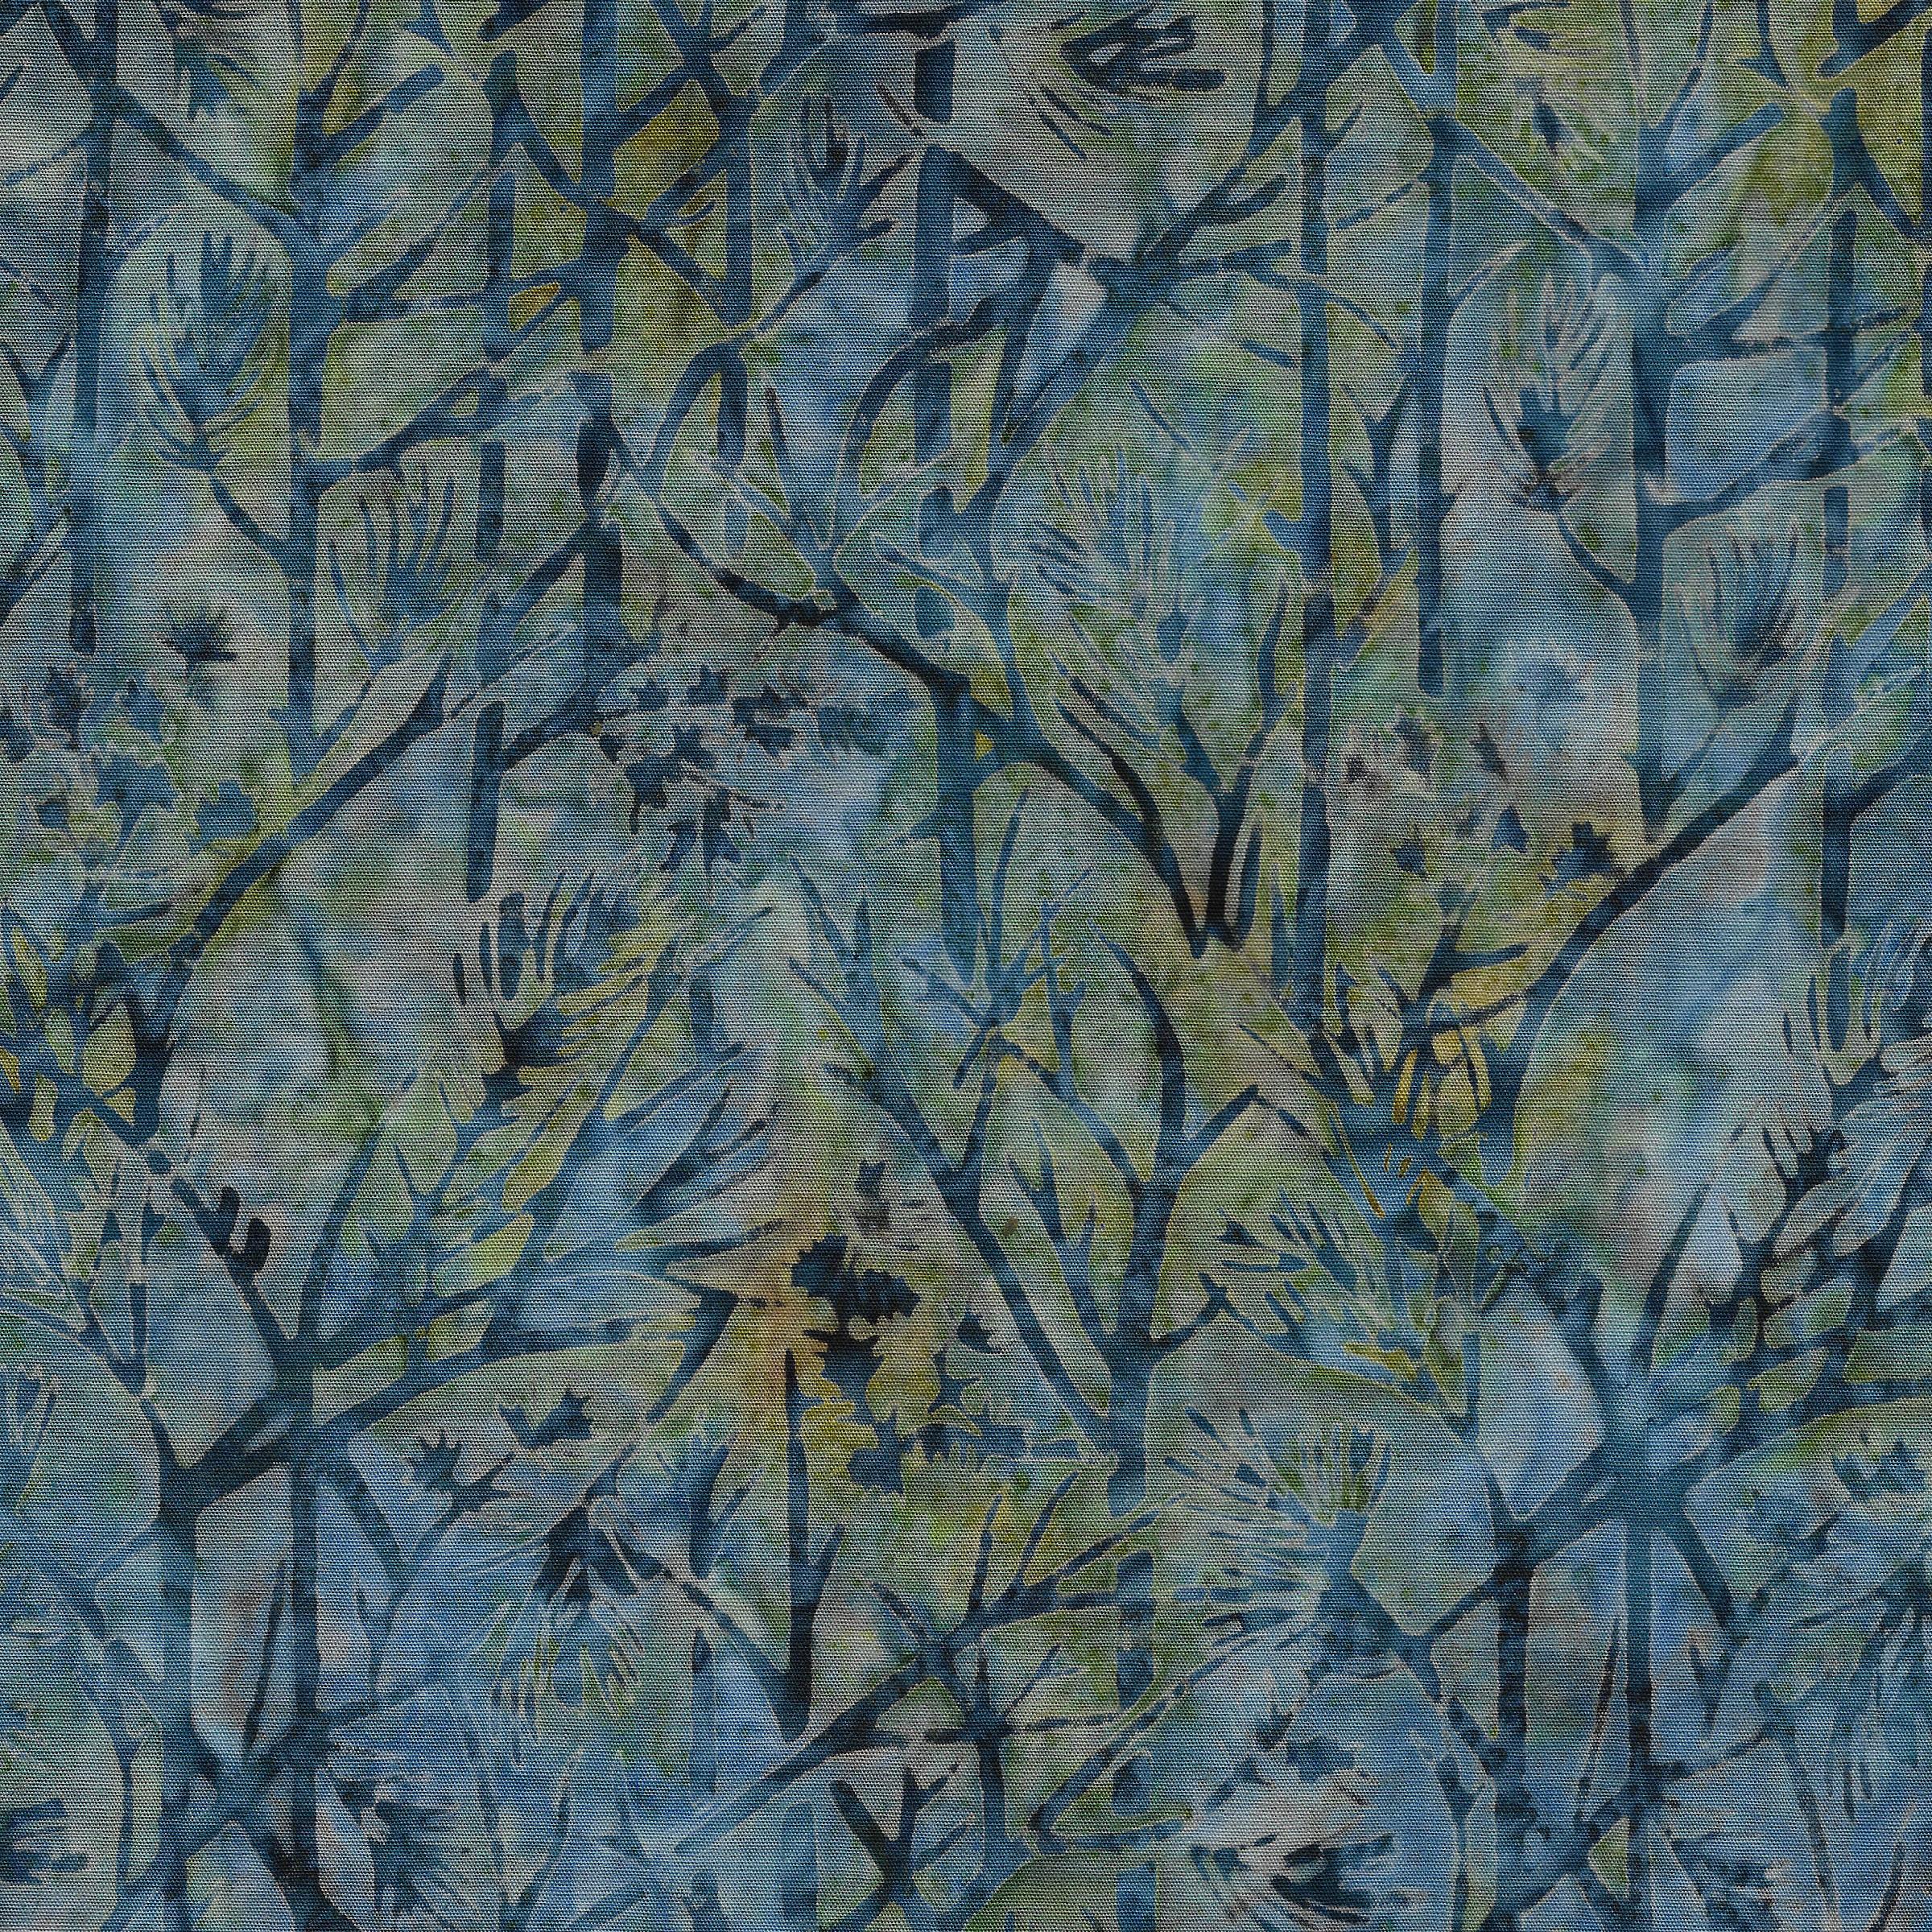 121801531 / Twigs-Frozen Pond